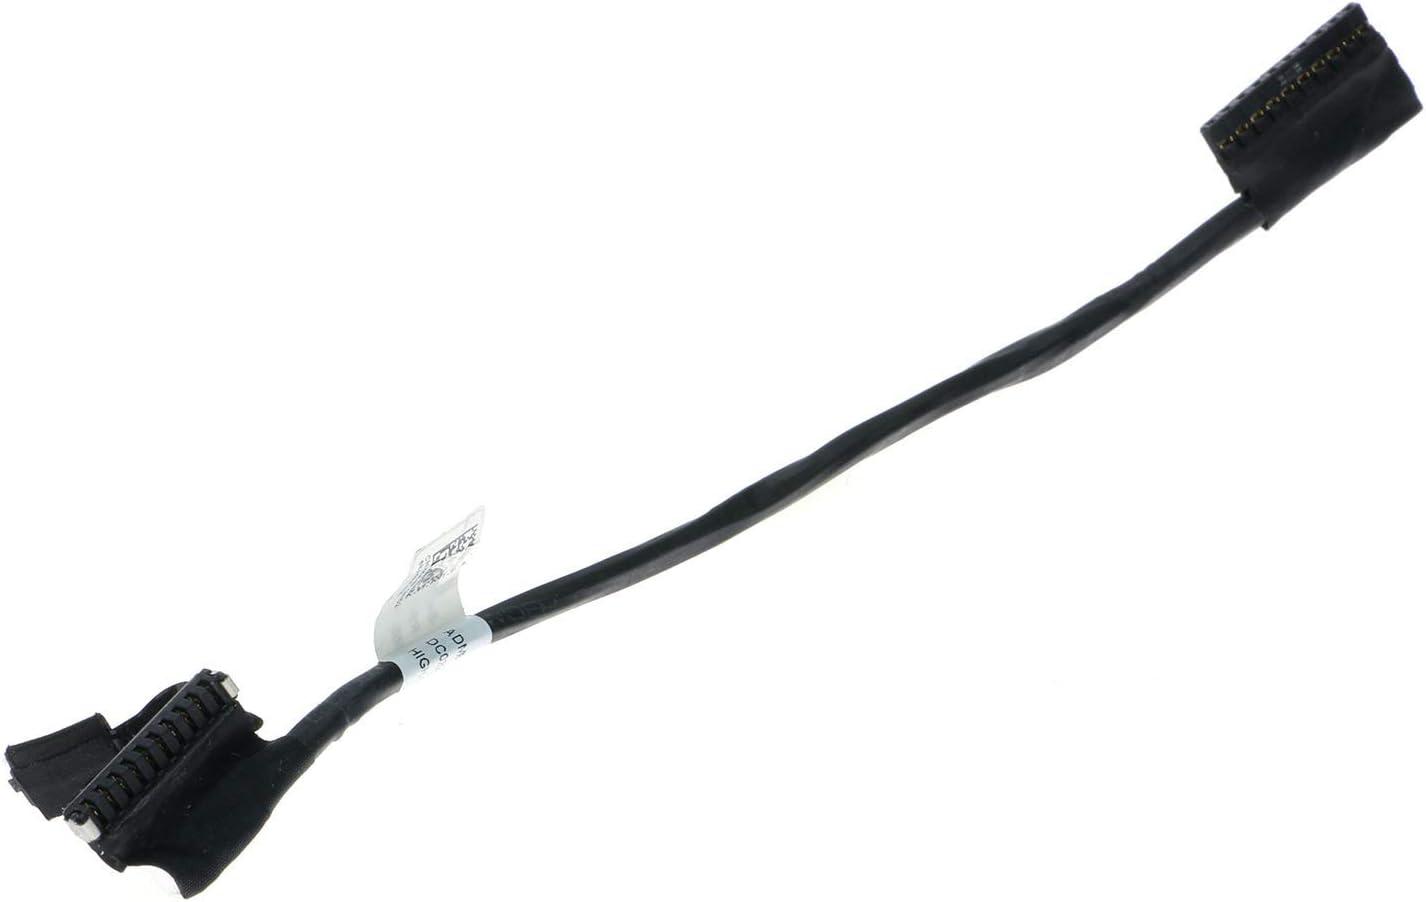 Battery Cable for Dell Latitude E5570 Precision 3510 DC020027U00 MC84H 0MC84H